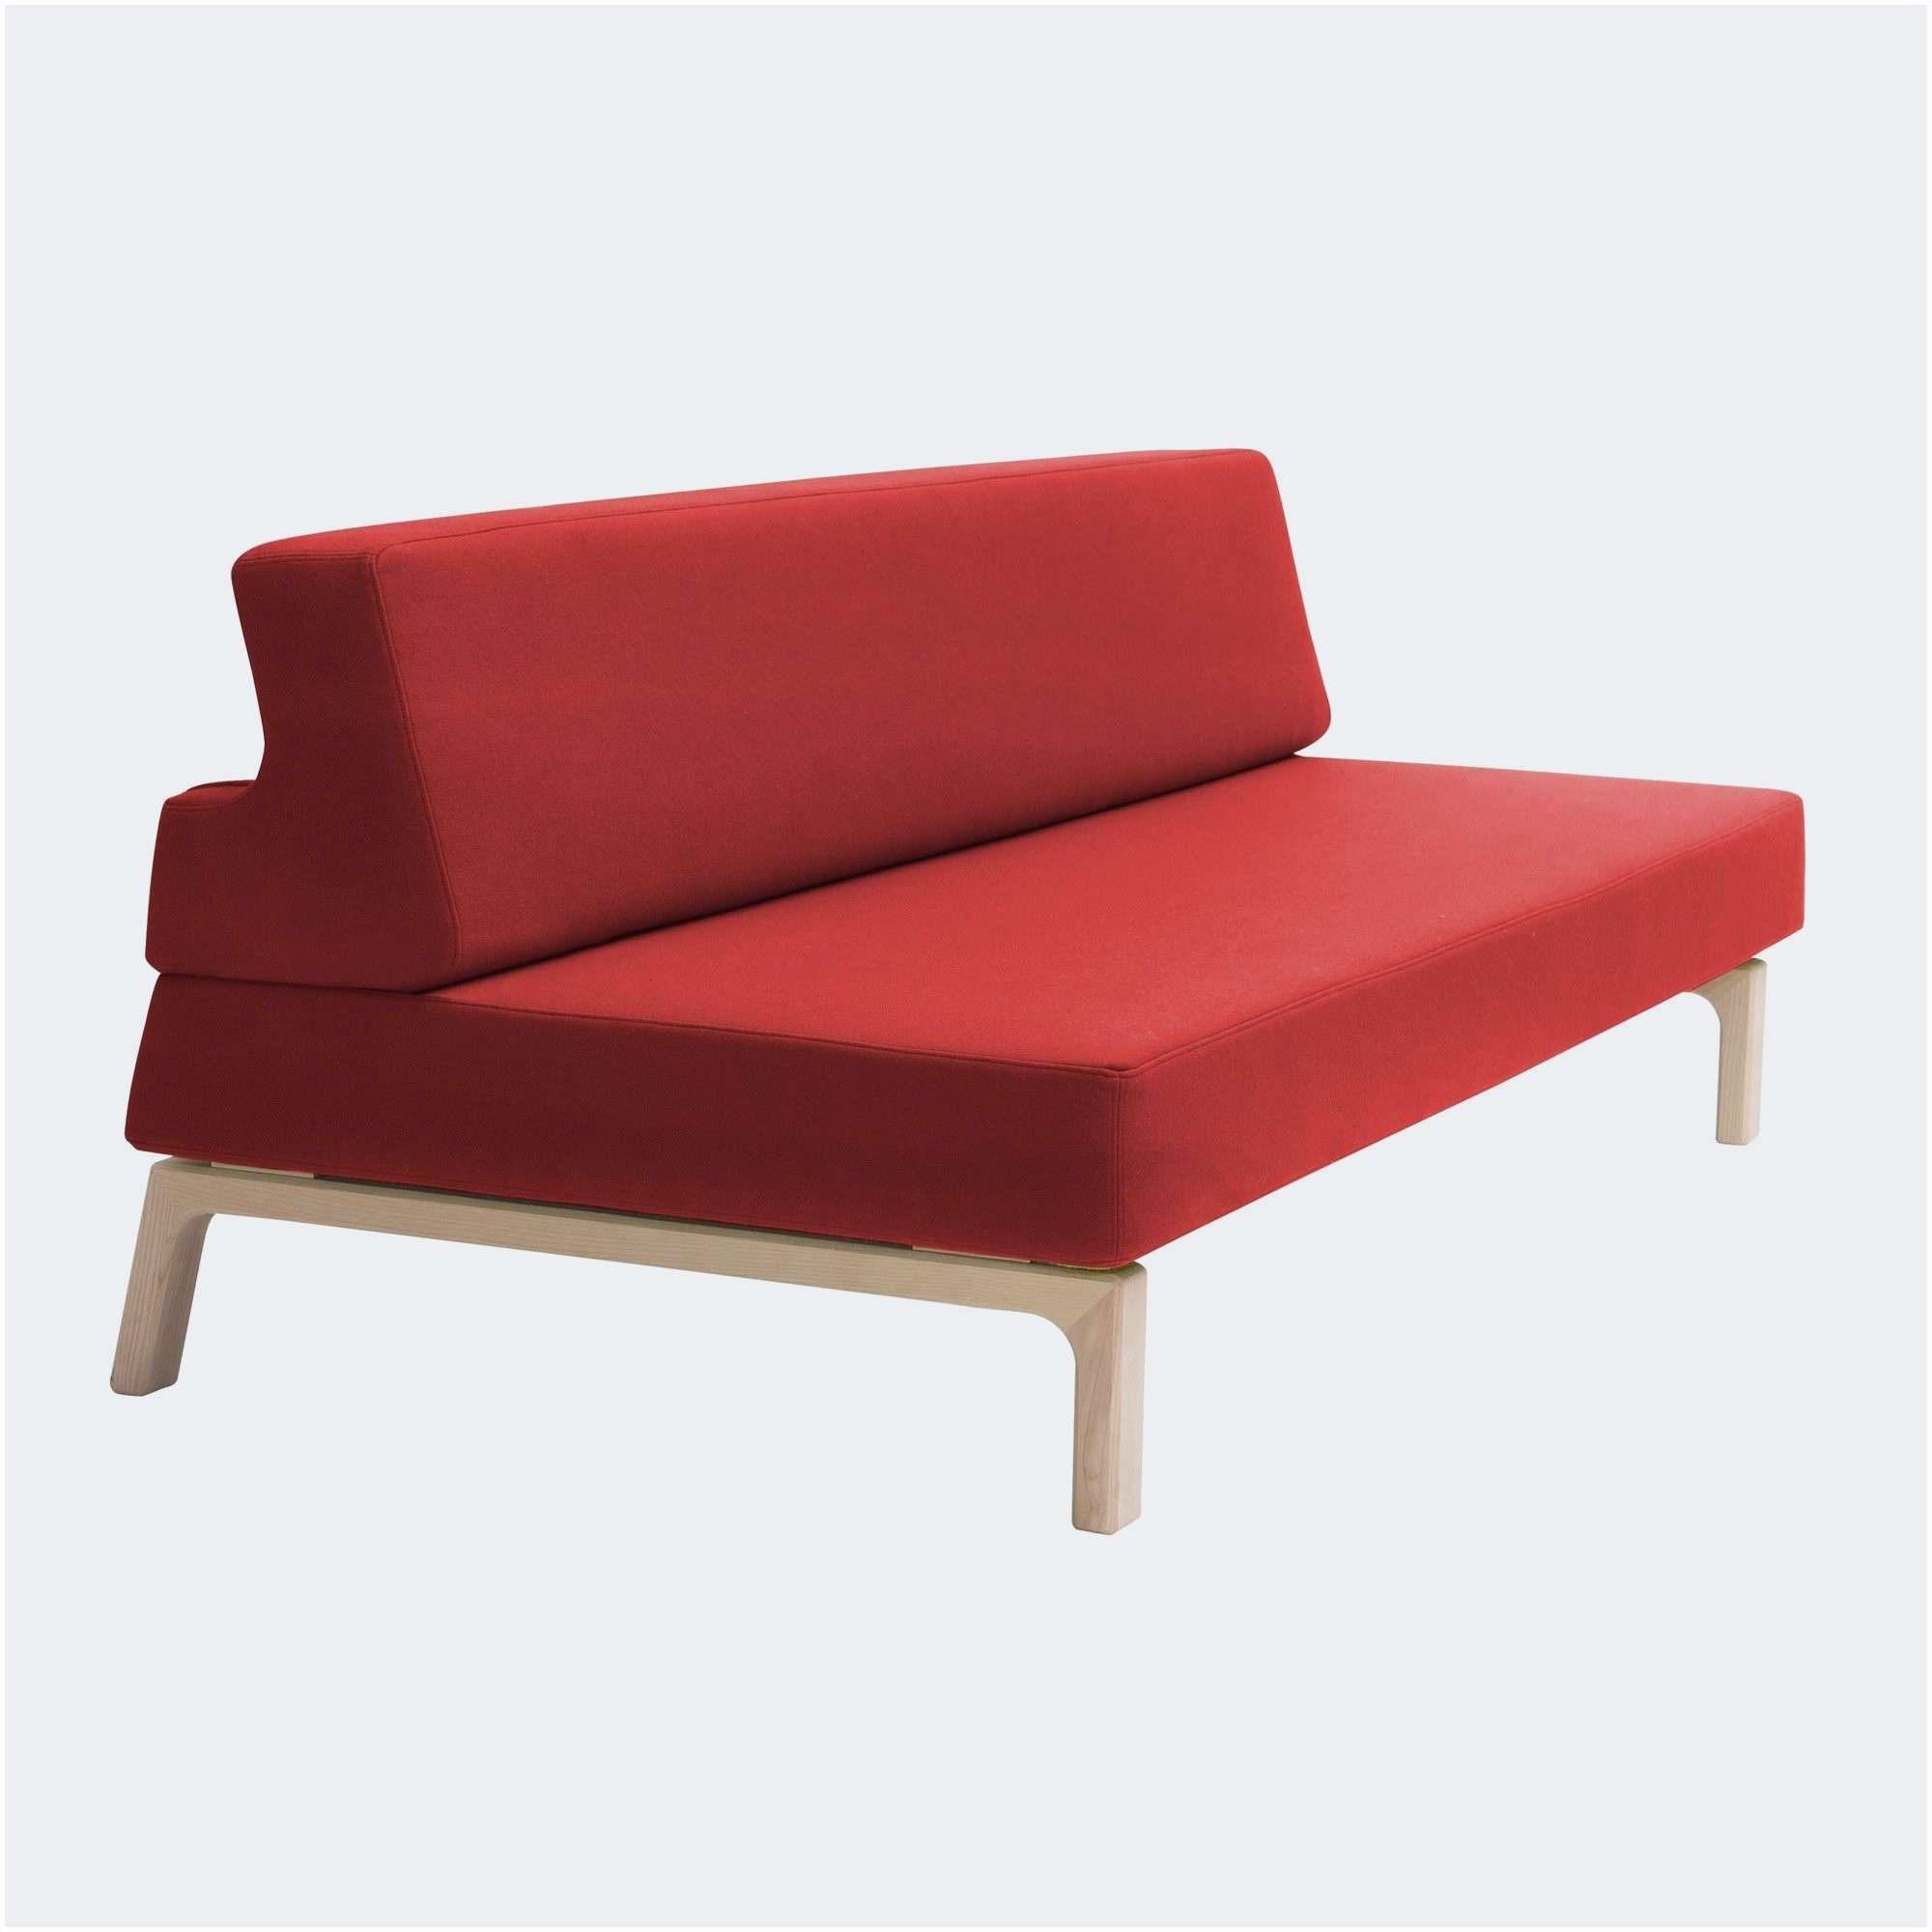 Lit Superposé 3 Personnes Frais Beau Canapé 2 Angles Canap Lit Rouge 3 C3 A9 Design Tgm872 ton Pour